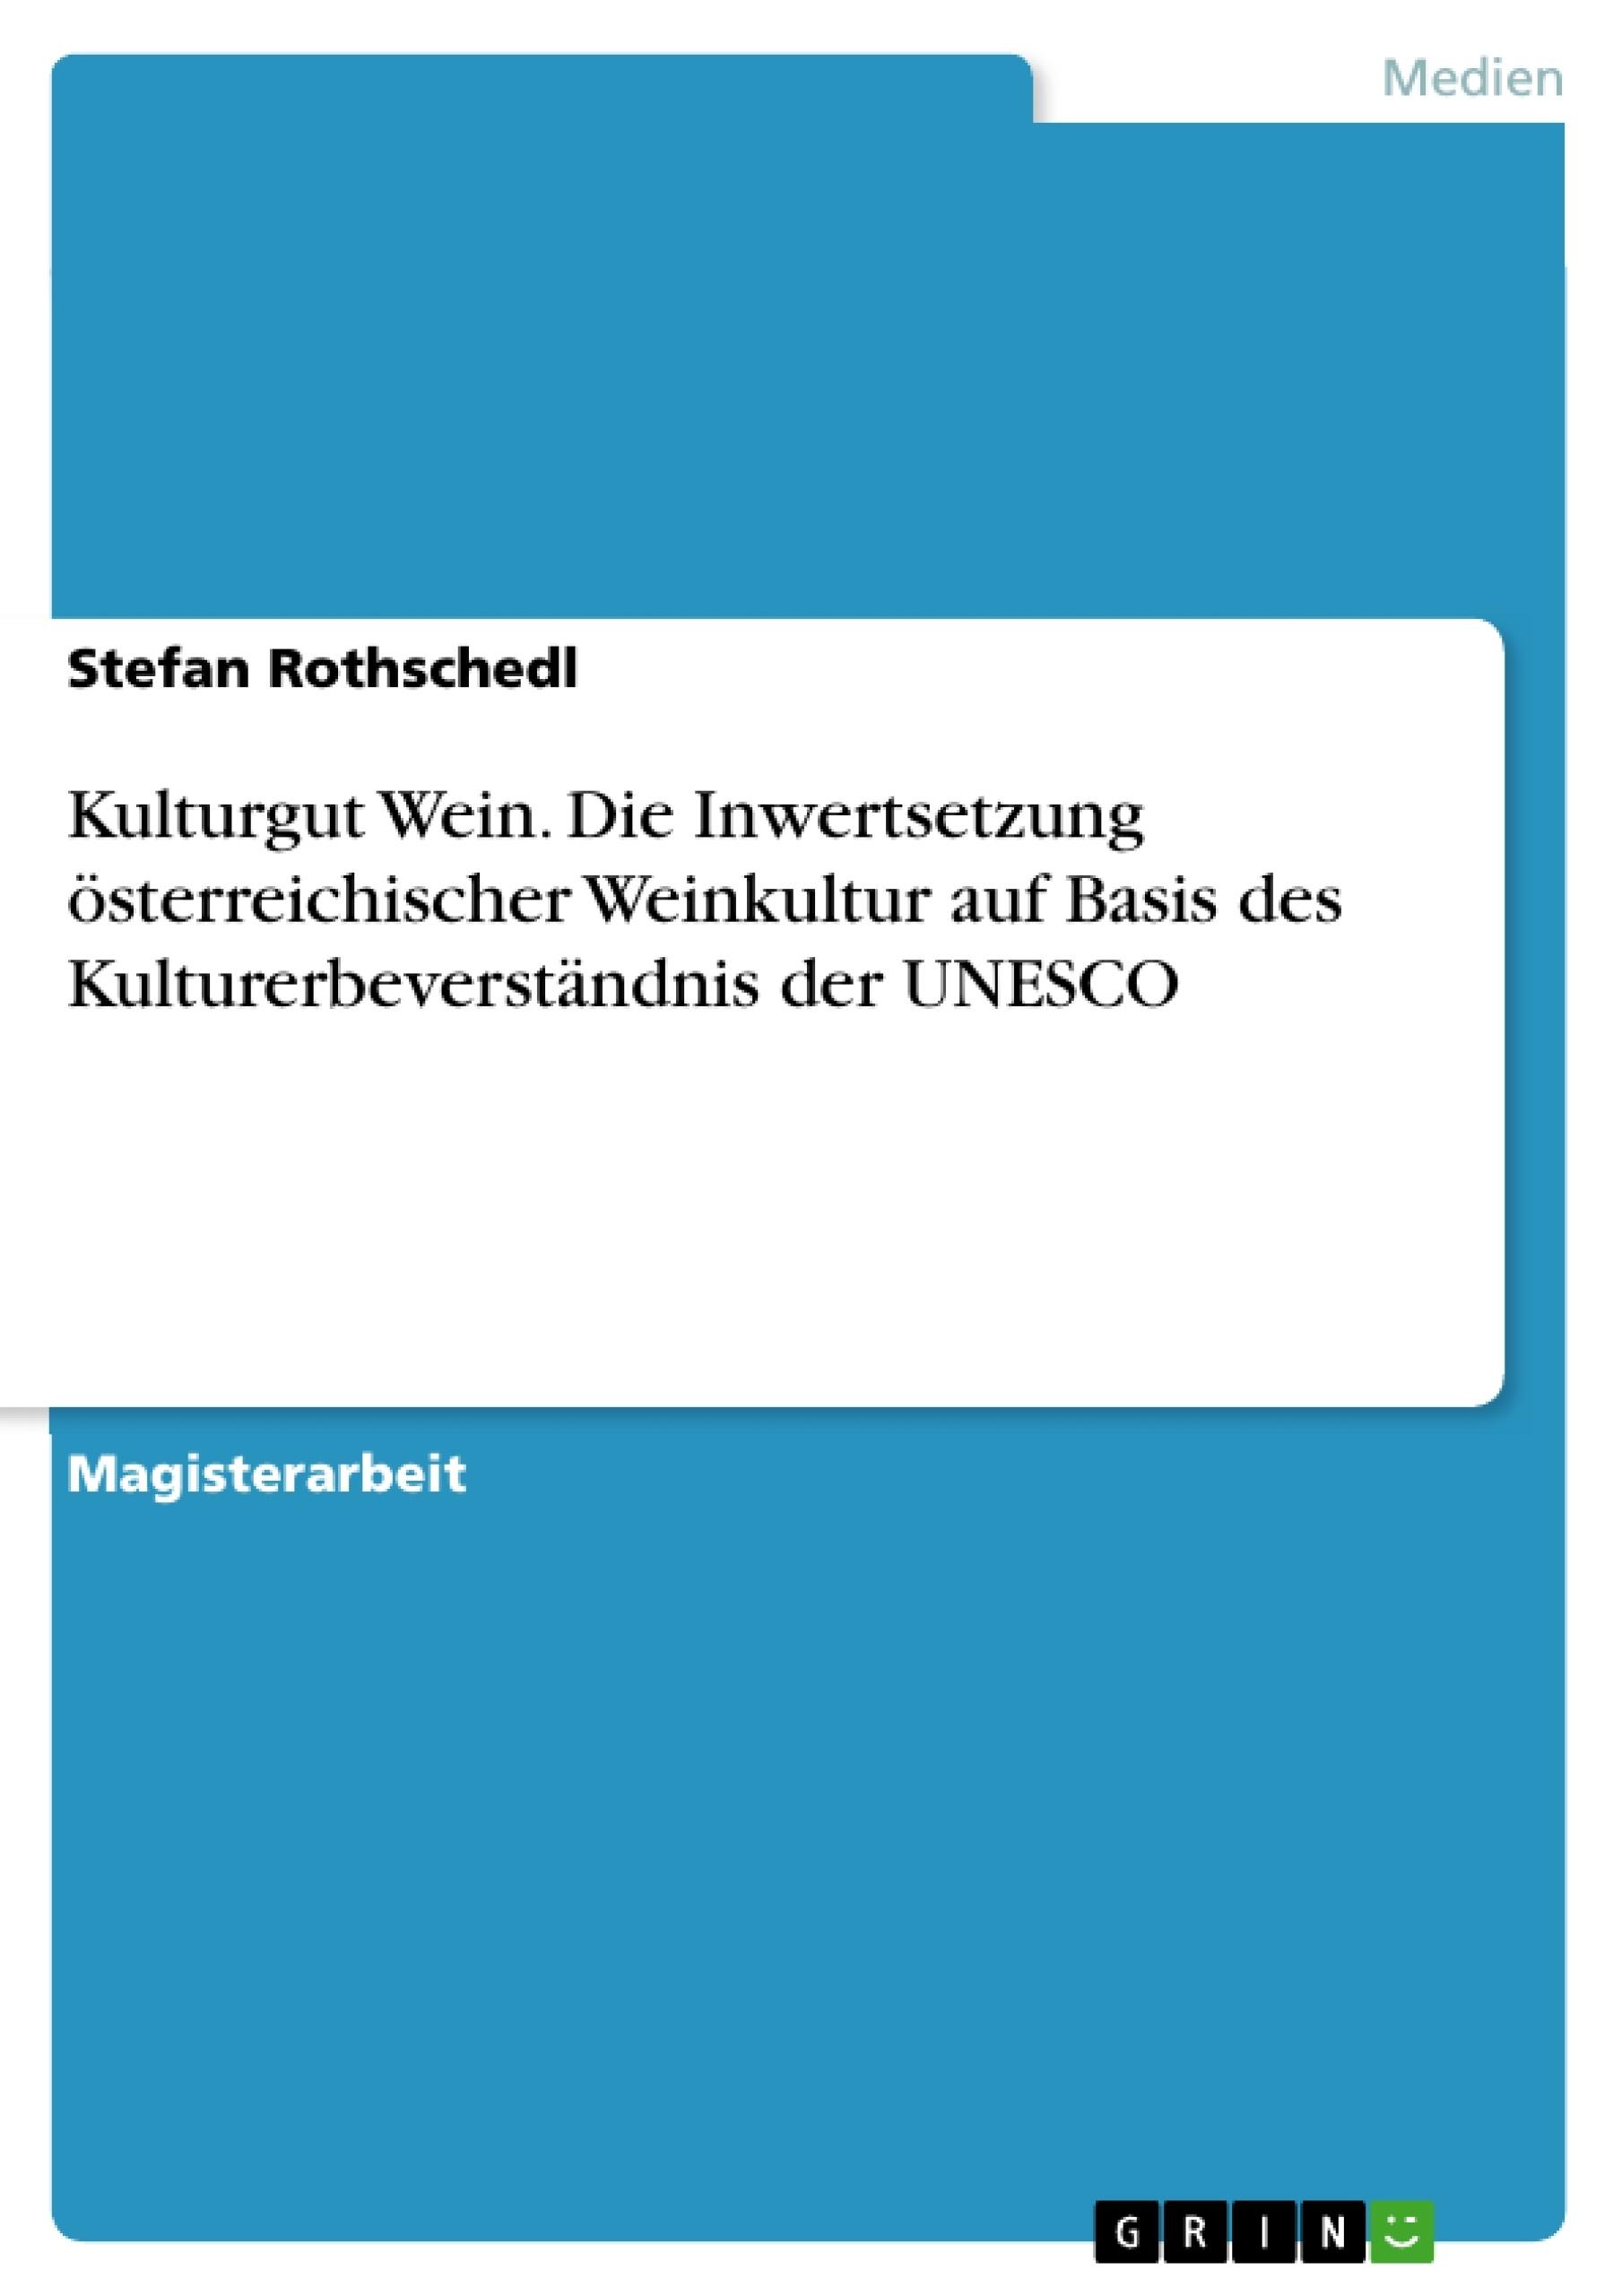 Titel: Kulturgut Wein. Die Inwertsetzung österreichischer Weinkultur auf Basis des Kulturerbeverständnis der UNESCO